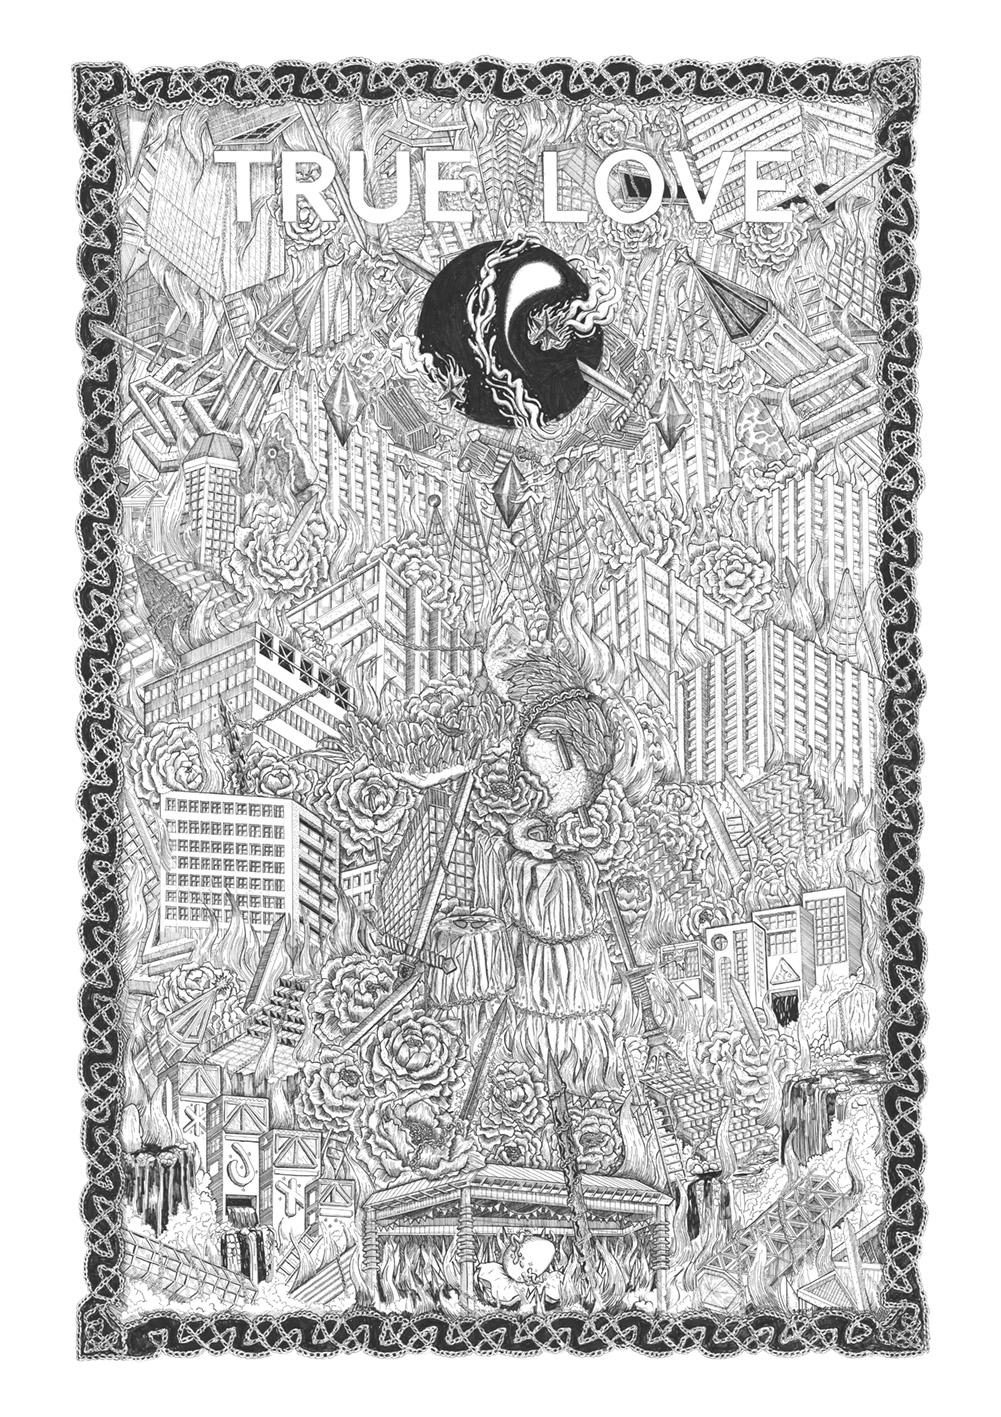 True Love Print, 1.5 metre x 1 metre